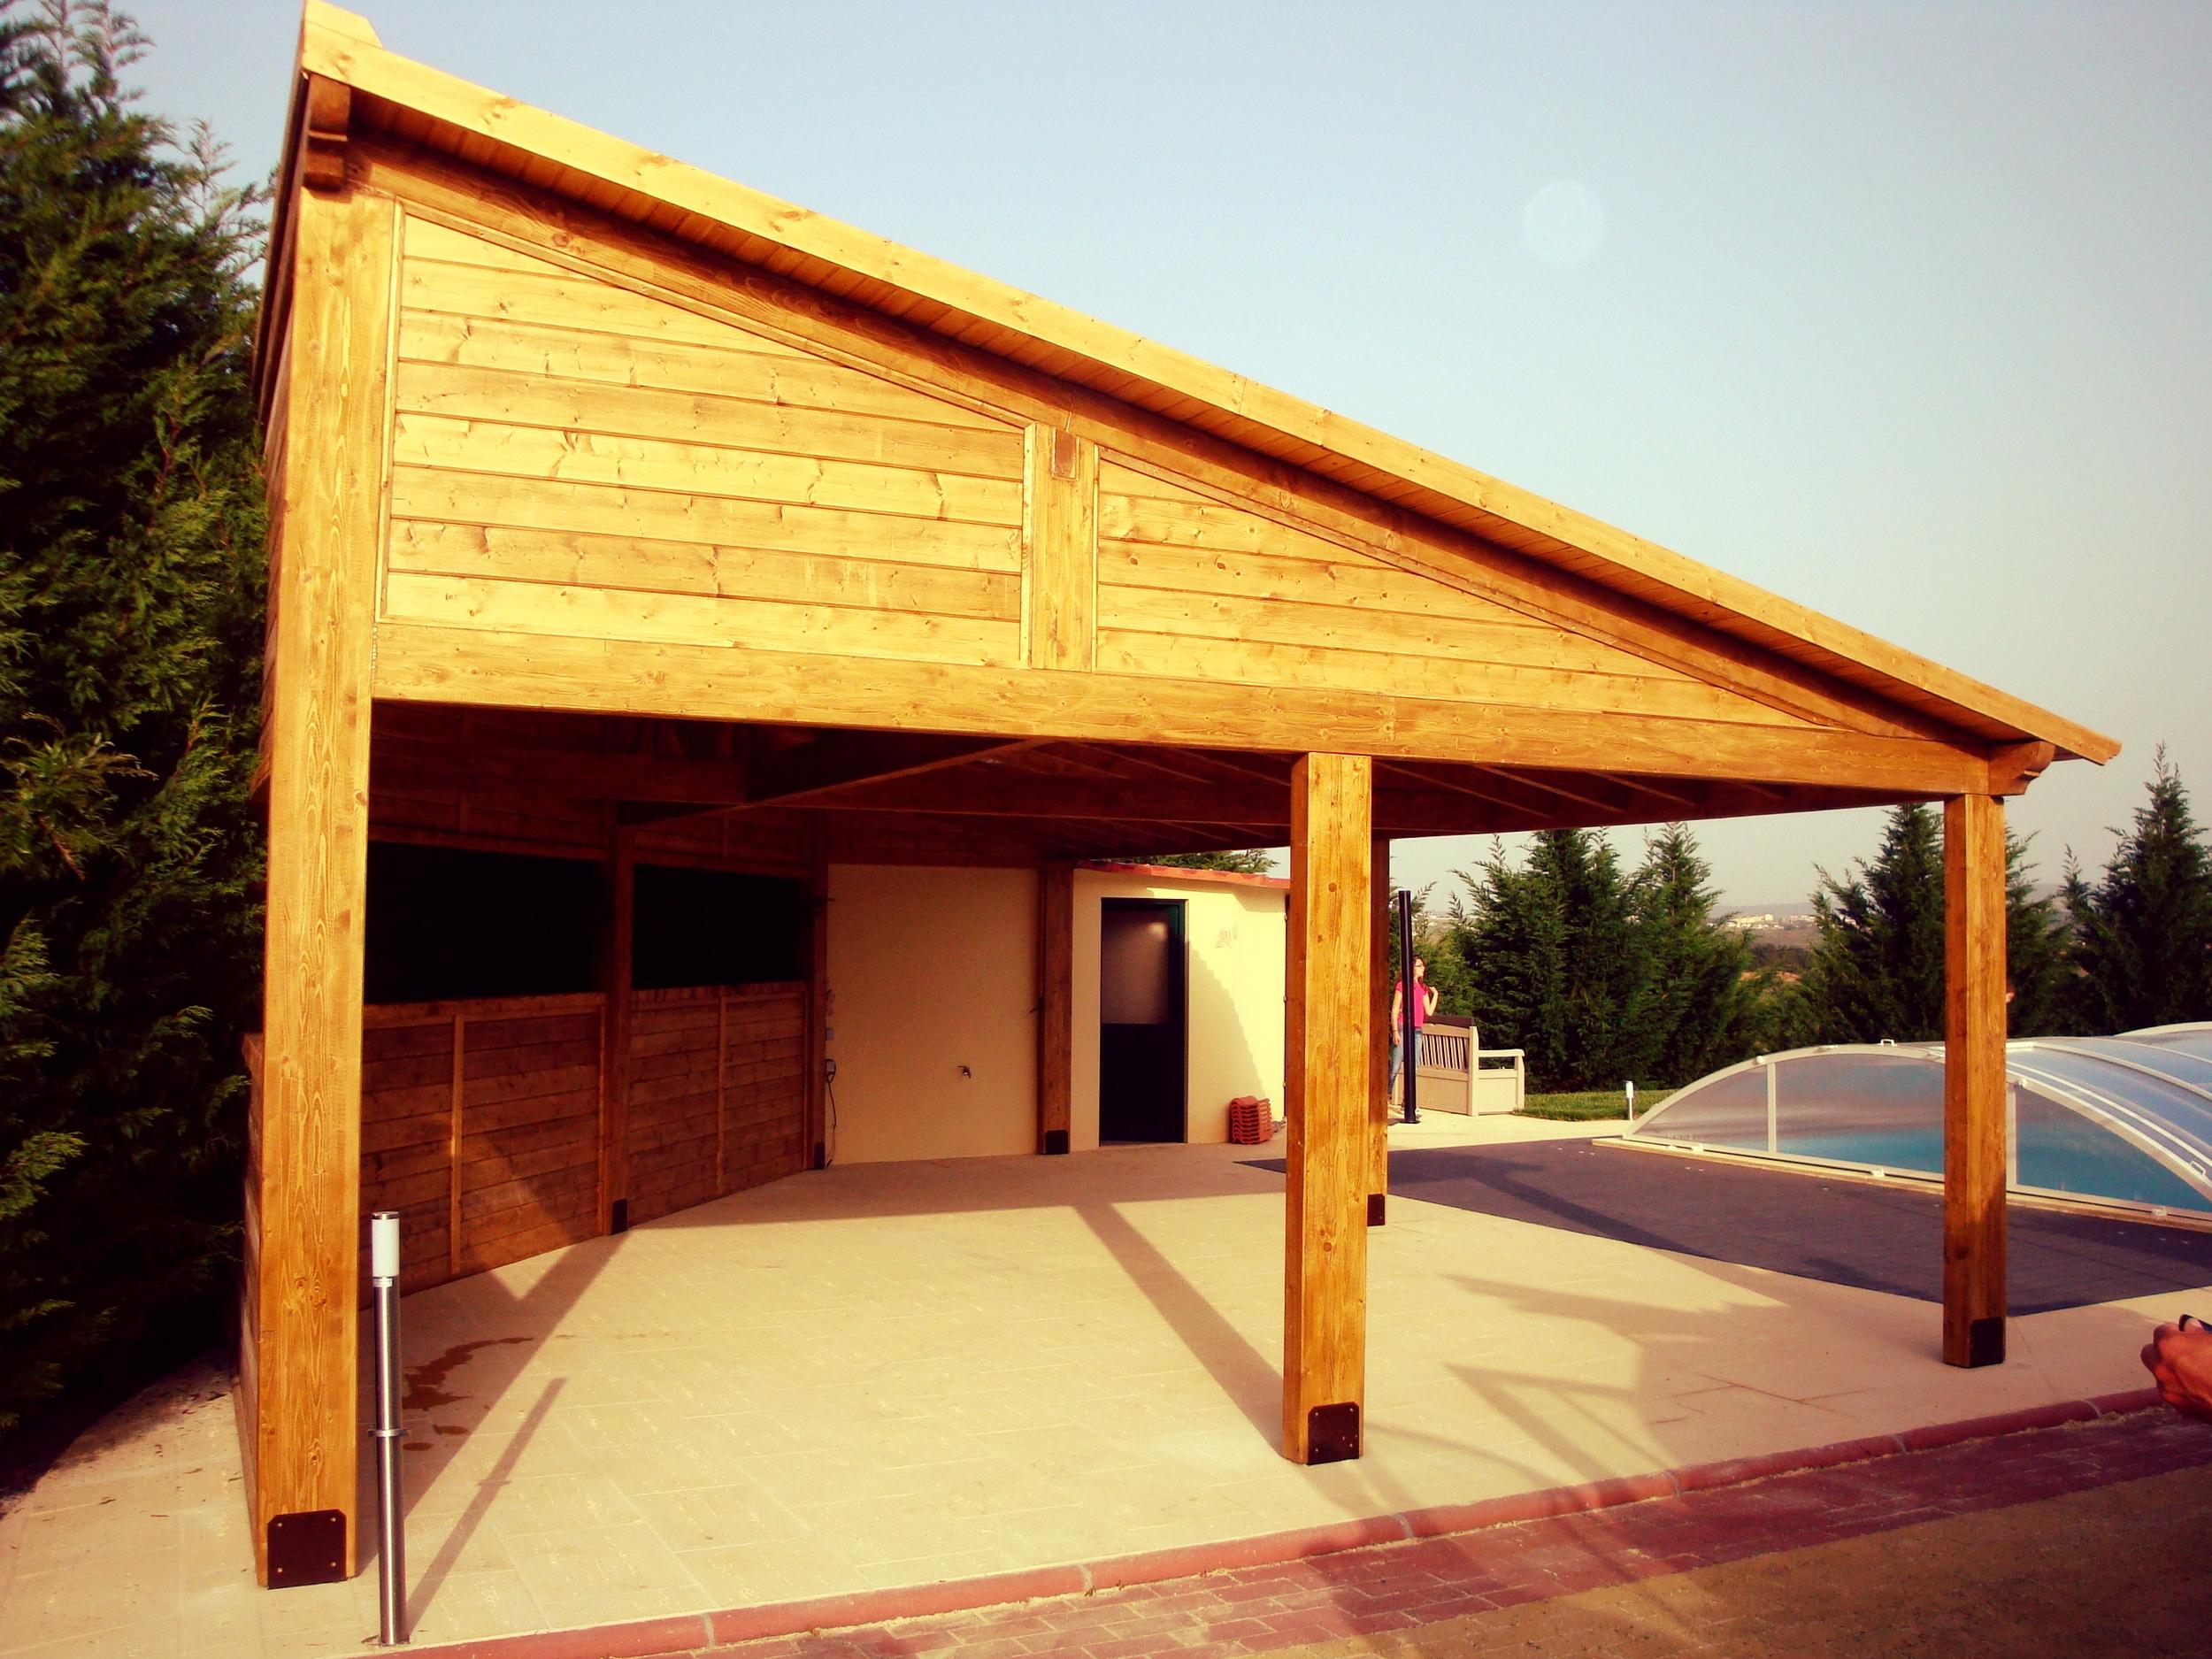 telheiros-madeira-pergolas-deck-terraços-varandas-estruturas madeira-jardins-piscina